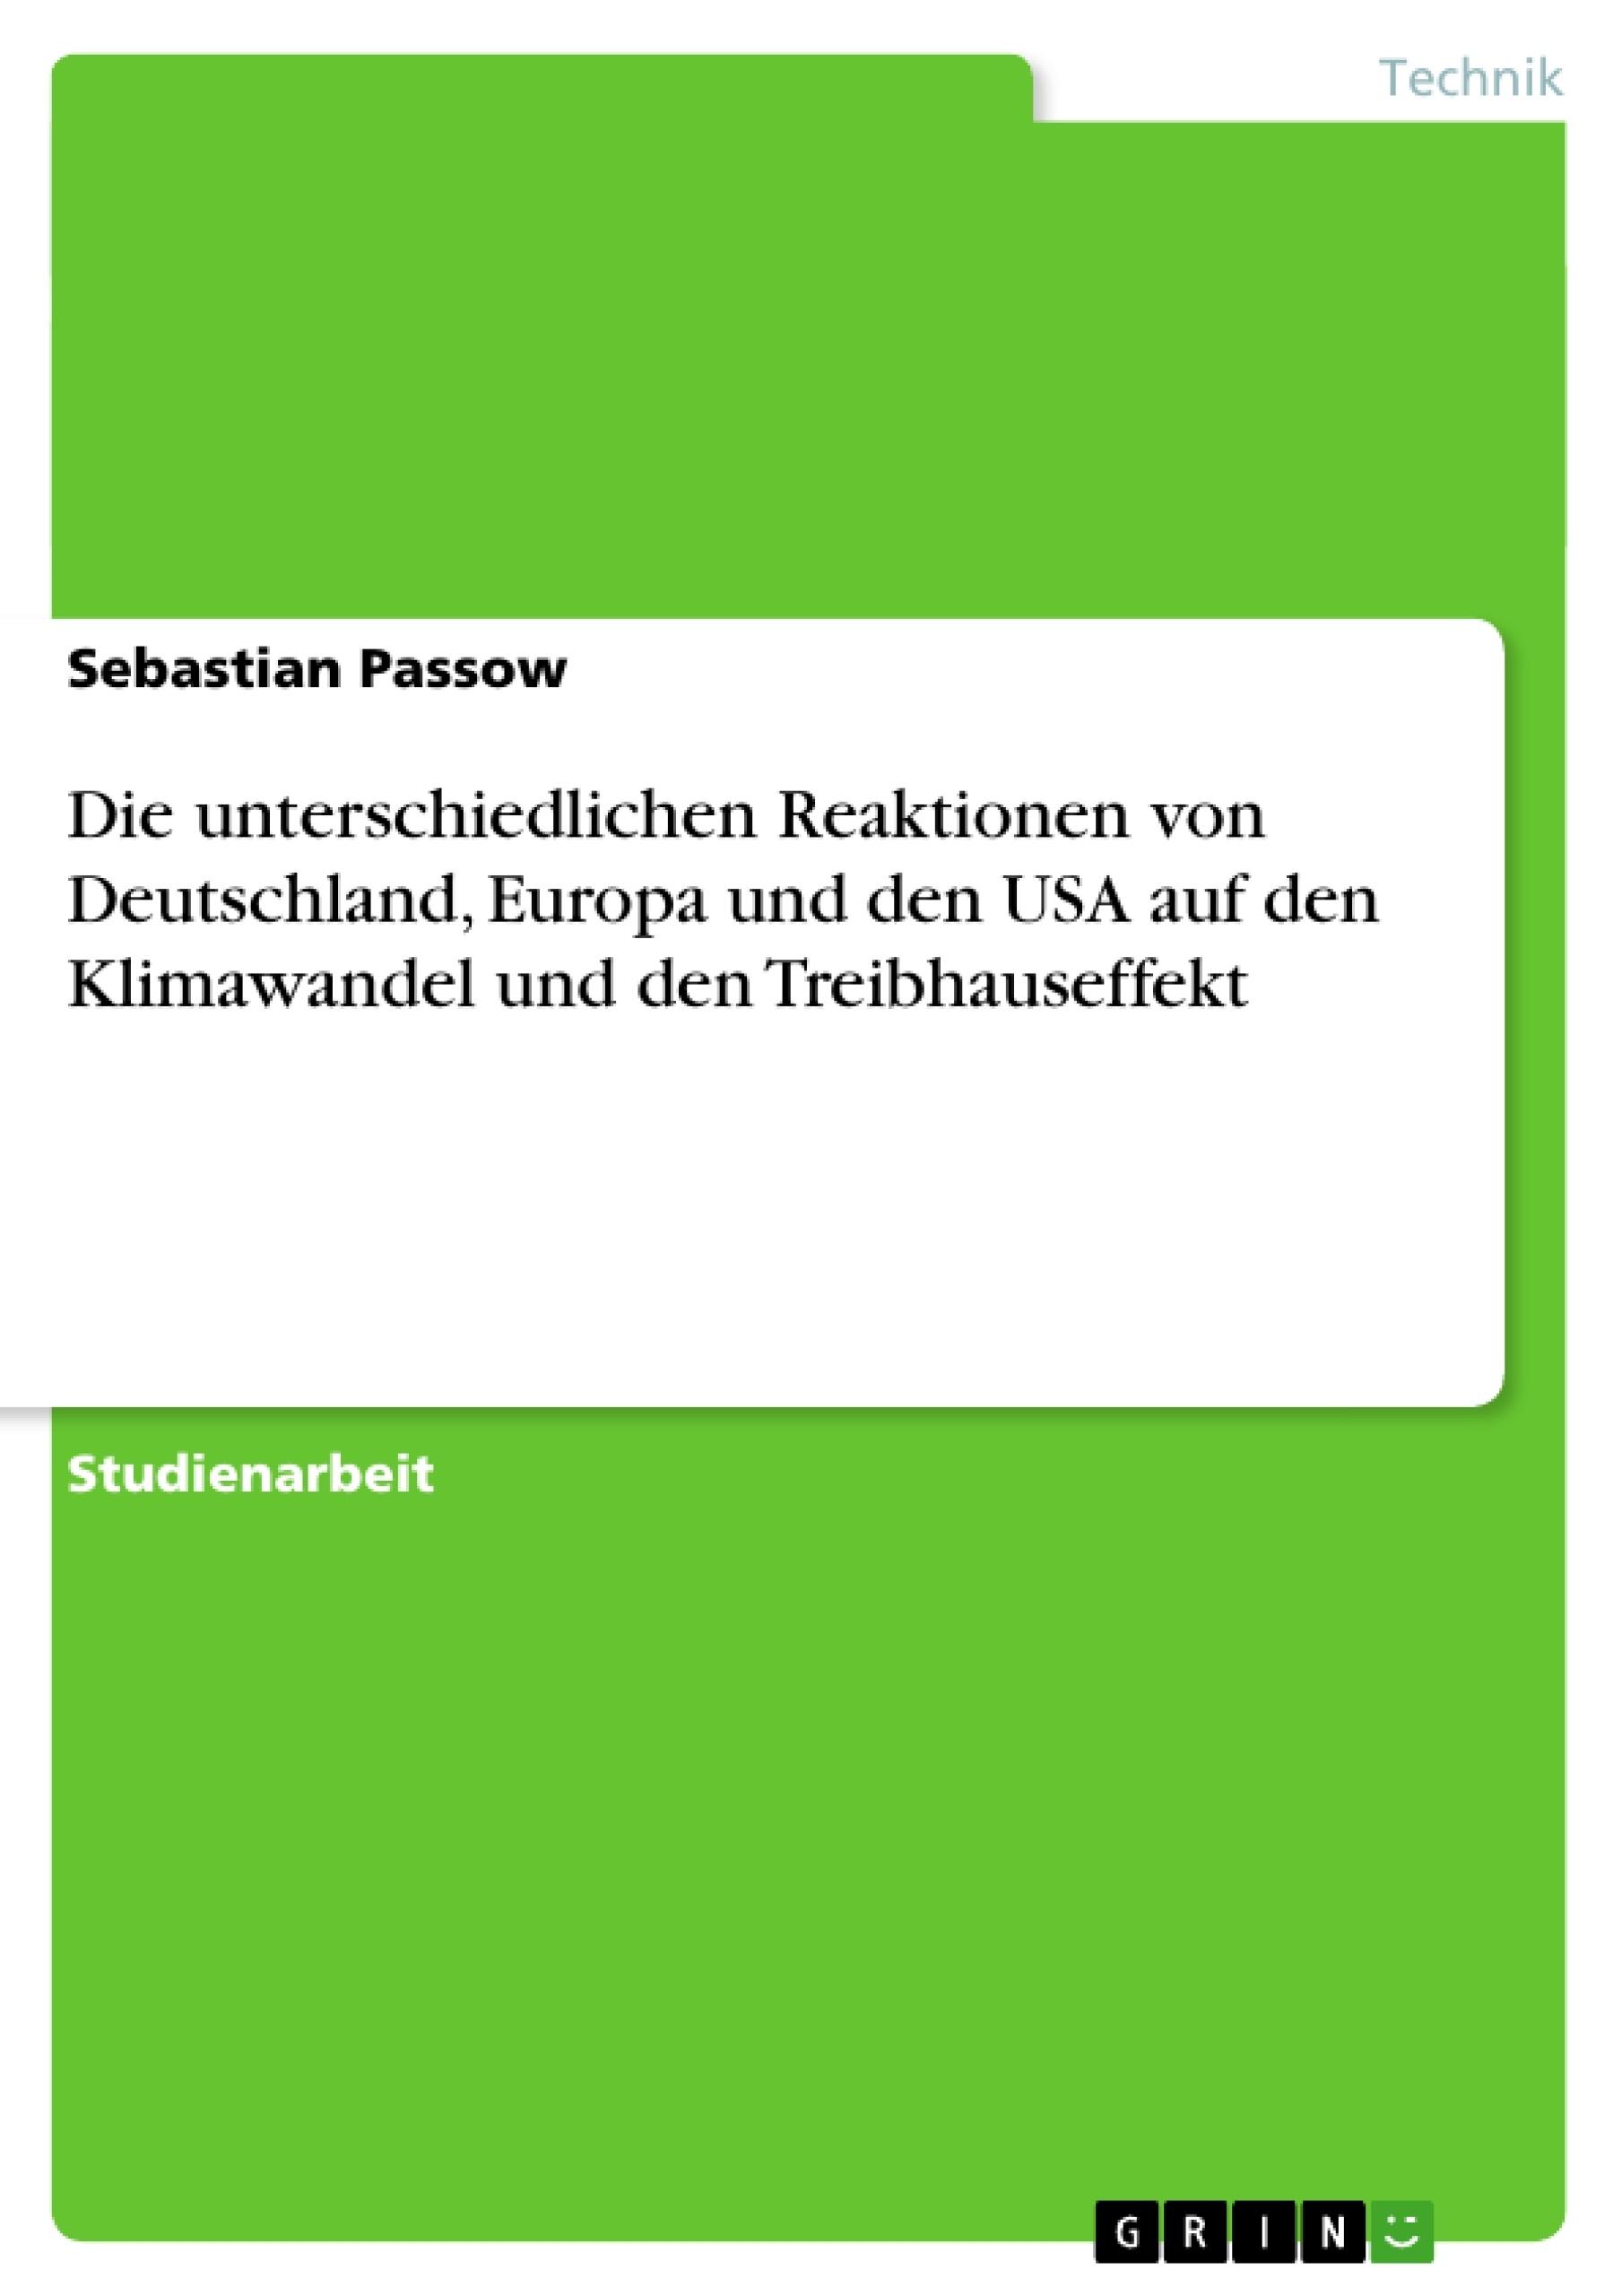 Titel: Die unterschiedlichen Reaktionen von Deutschland, Europa und den USA auf den Klimawandel und den Treibhauseffekt